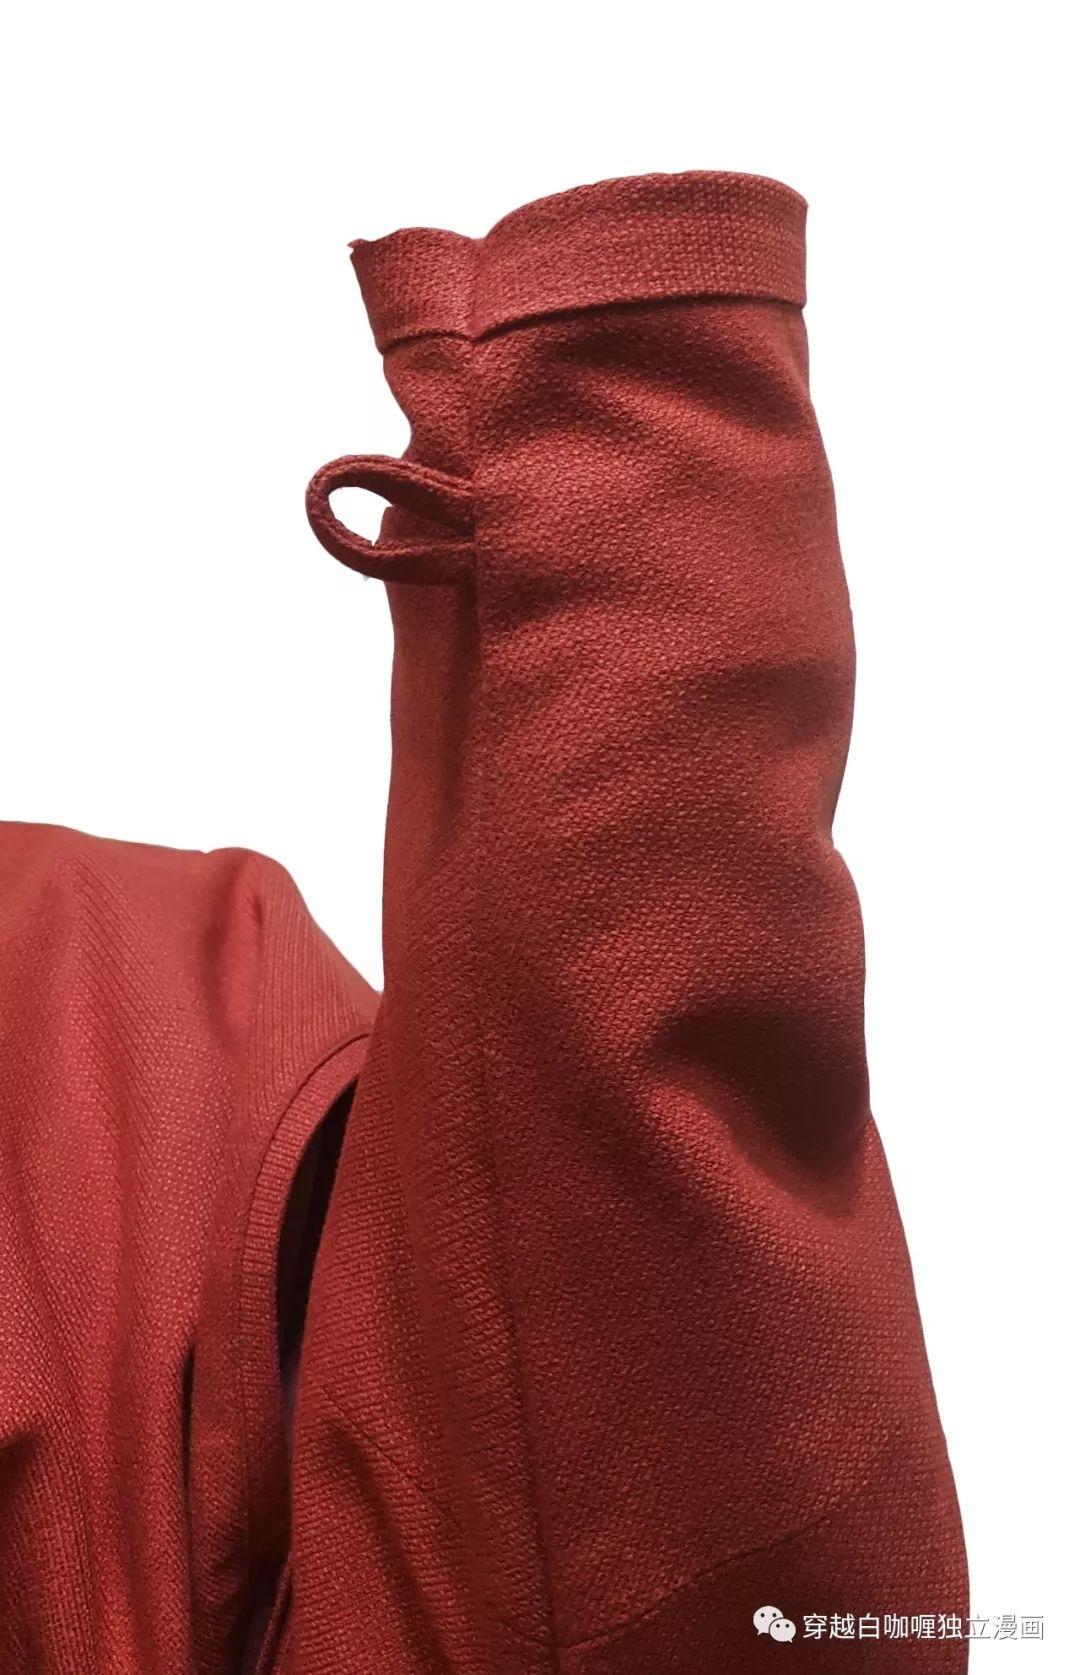 【蒙古文化】什么是蒙古袍? ᠳᠡᠪᠡᠯᠤᠨ ᠲᠤᠬᠠᠢ 第30张 【蒙古文化】什么是蒙古袍? ᠳᠡᠪᠡᠯᠤᠨ ᠲᠤᠬᠠᠢ 蒙古服饰